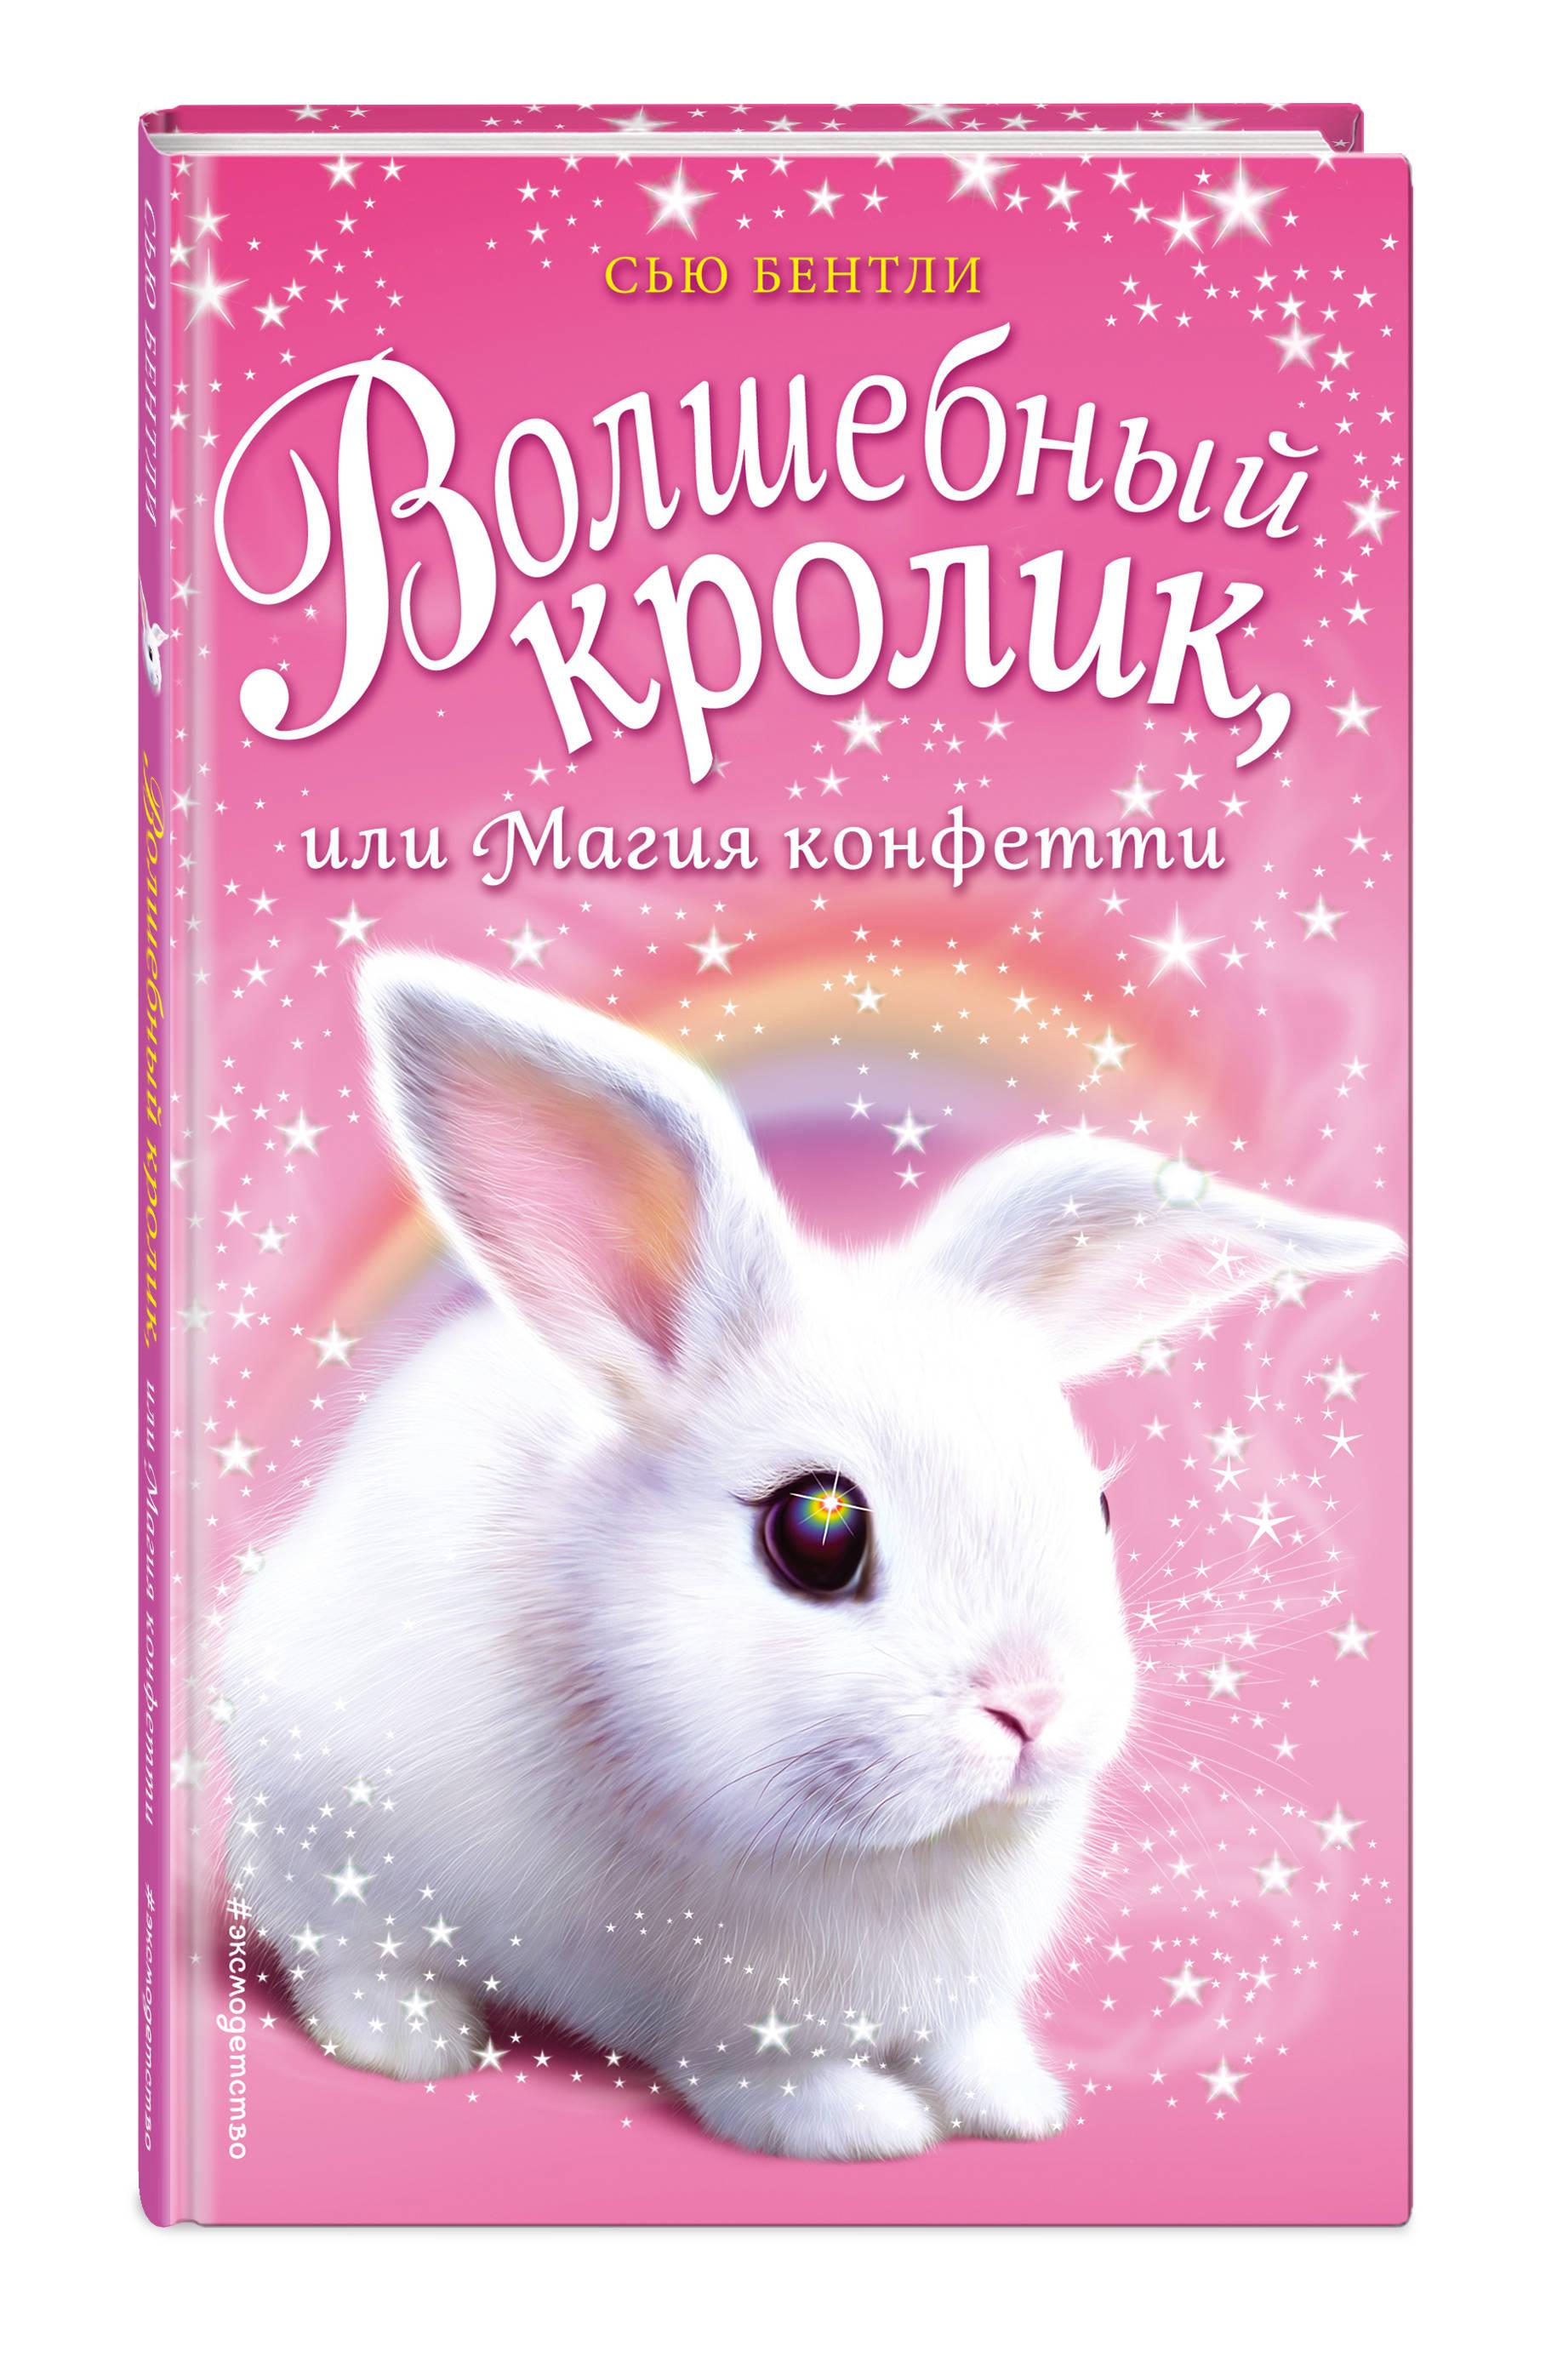 Бентли С. Волшебный кролик, или Магия конфетти за сколько можно новую квартиру в муниципальных домах